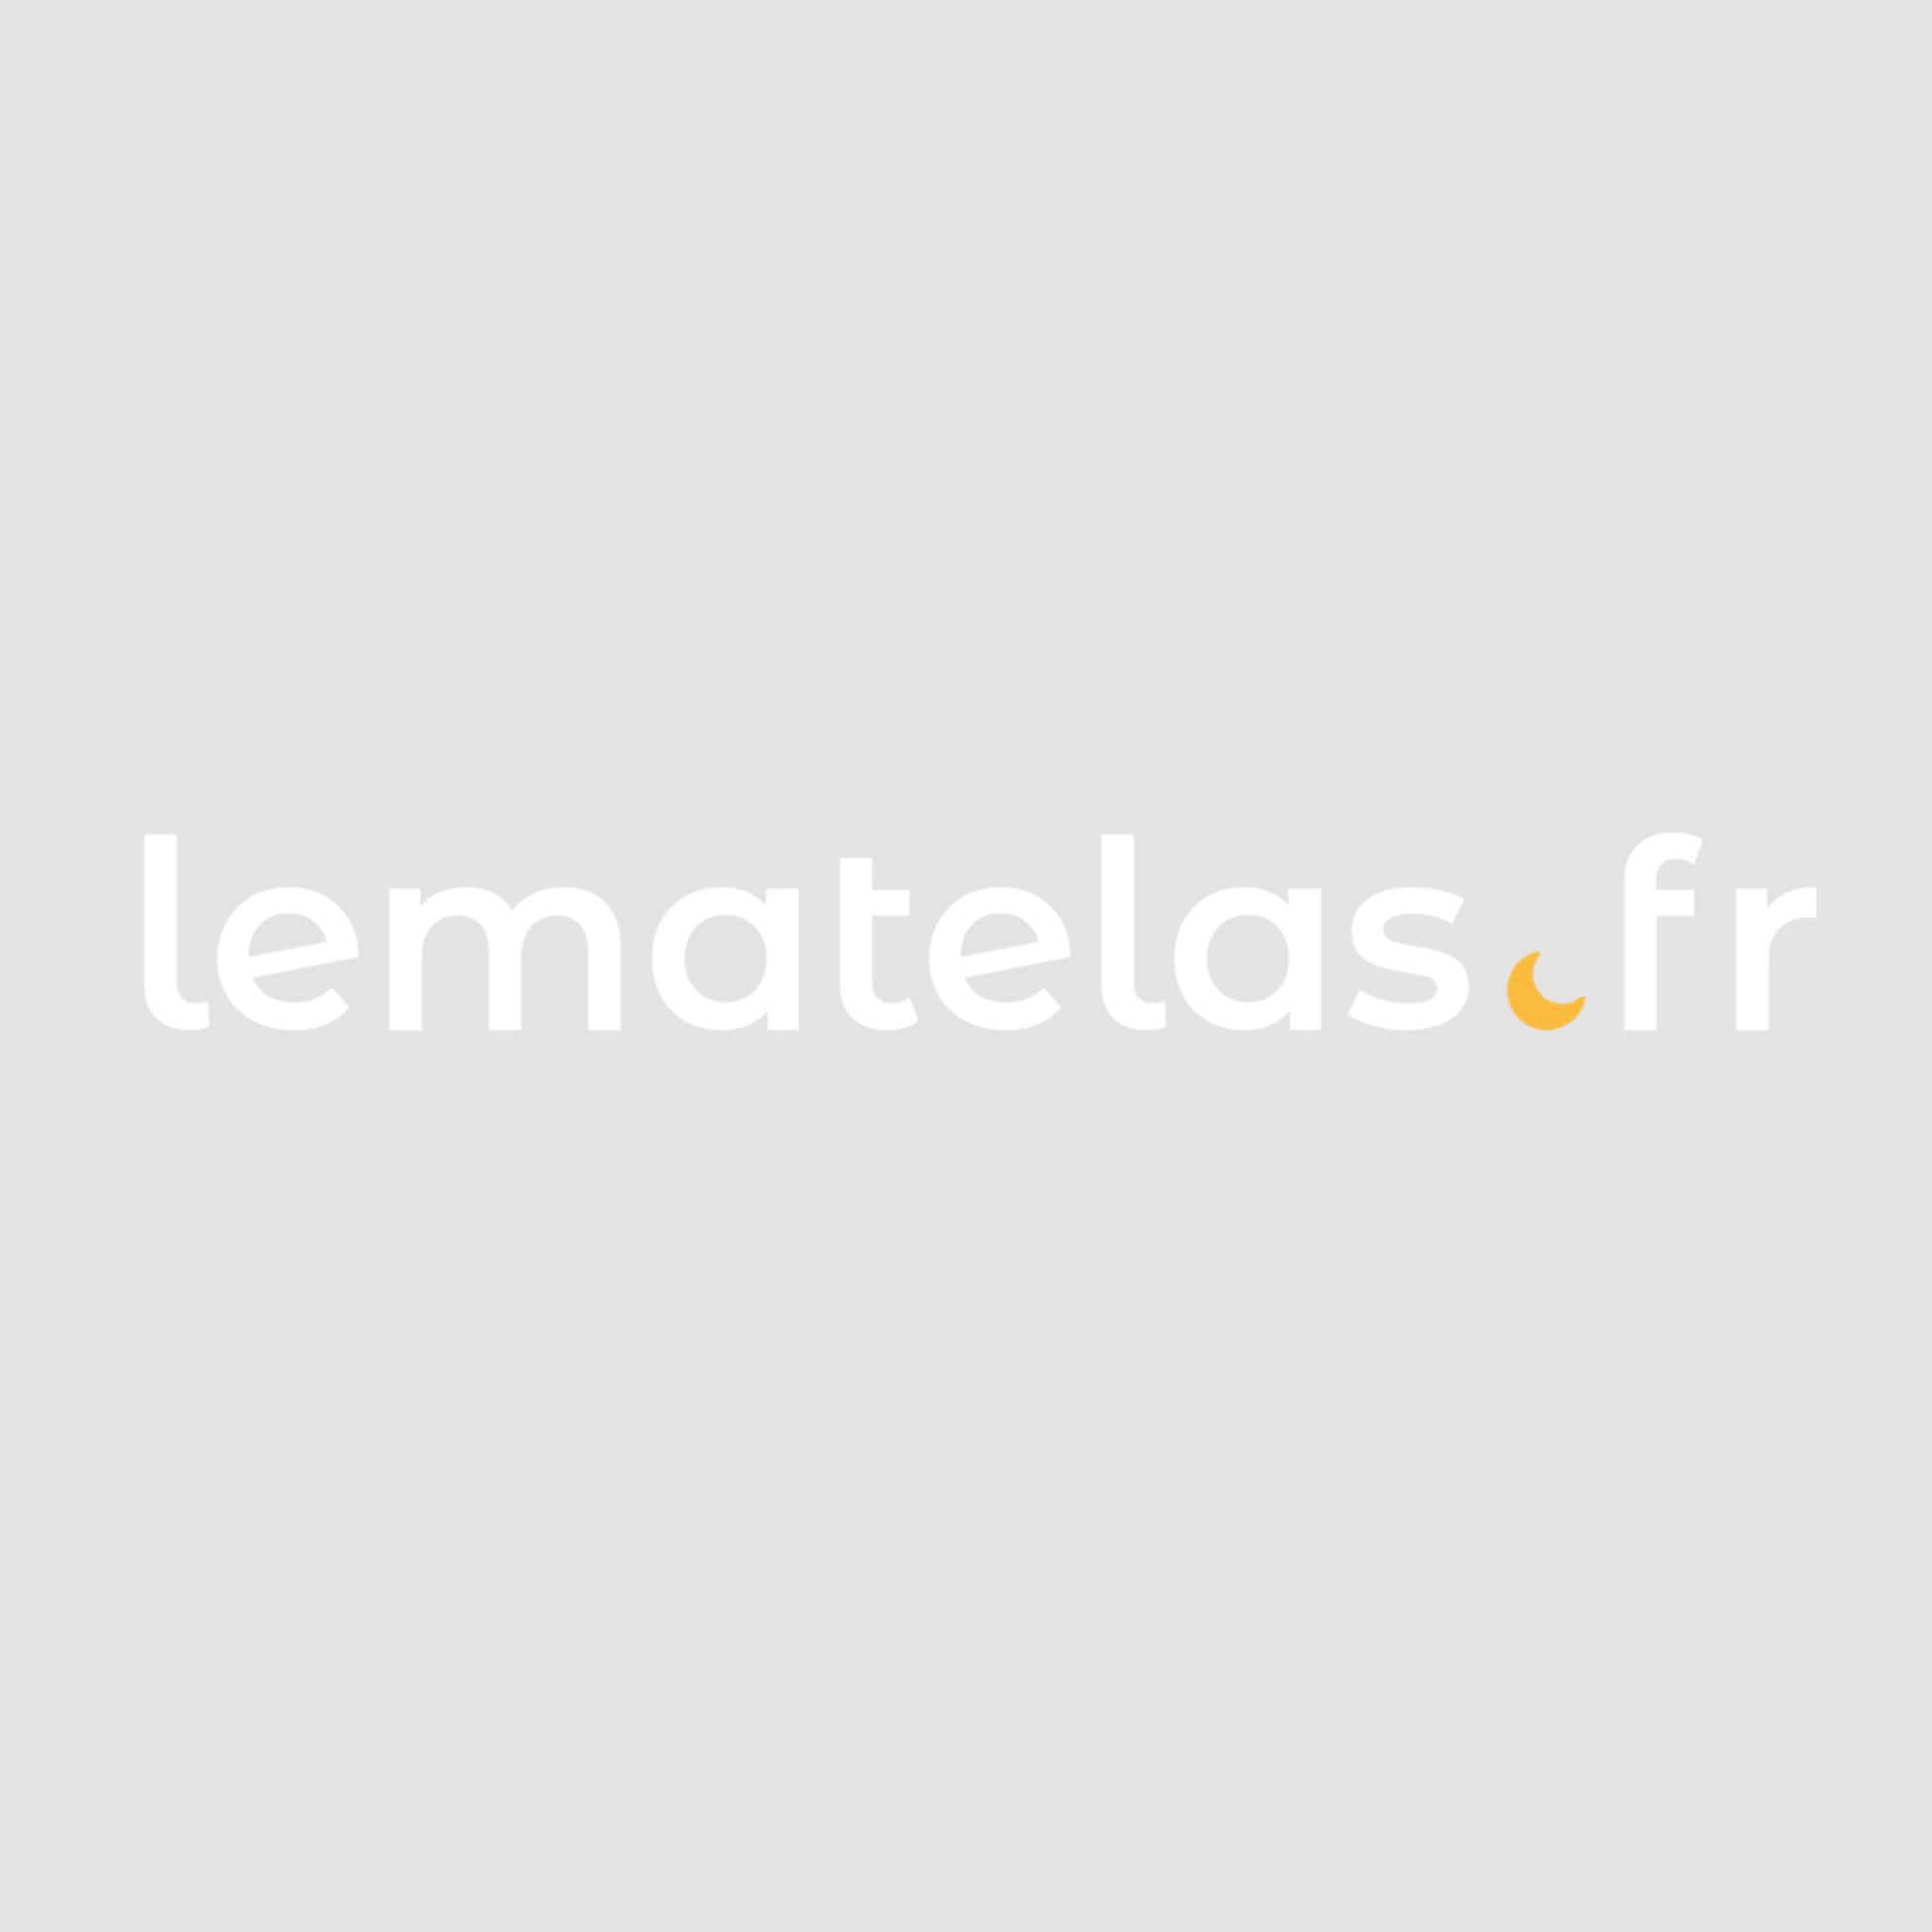 Drap housse blanc 100% coton bonnet 30 cm 110x190 - Hôtellerie